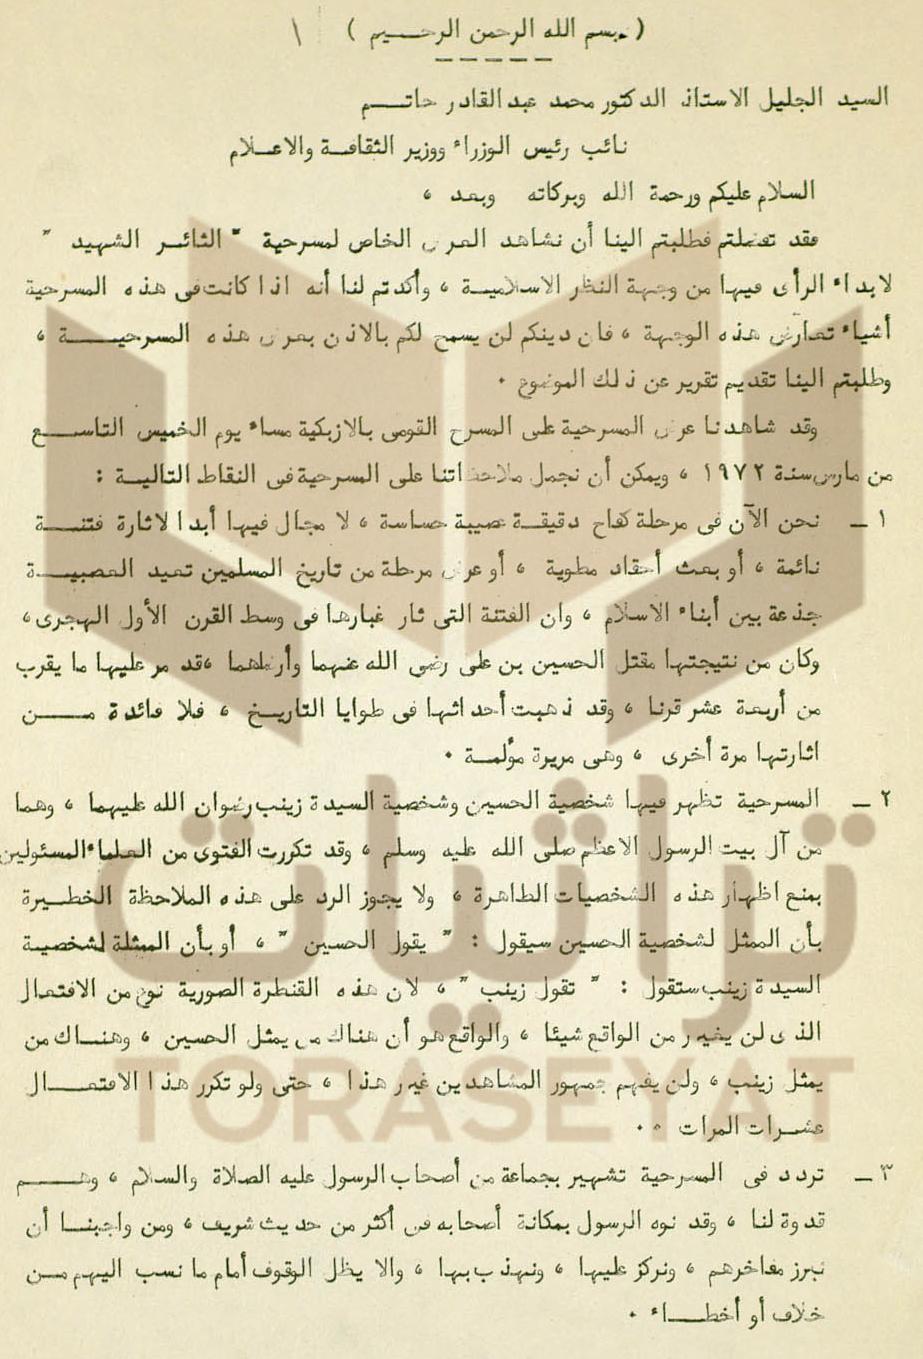 تقرير الأزهر لـ عبدالقادر حاتم الذي يشير إلى تجسيم الحسين